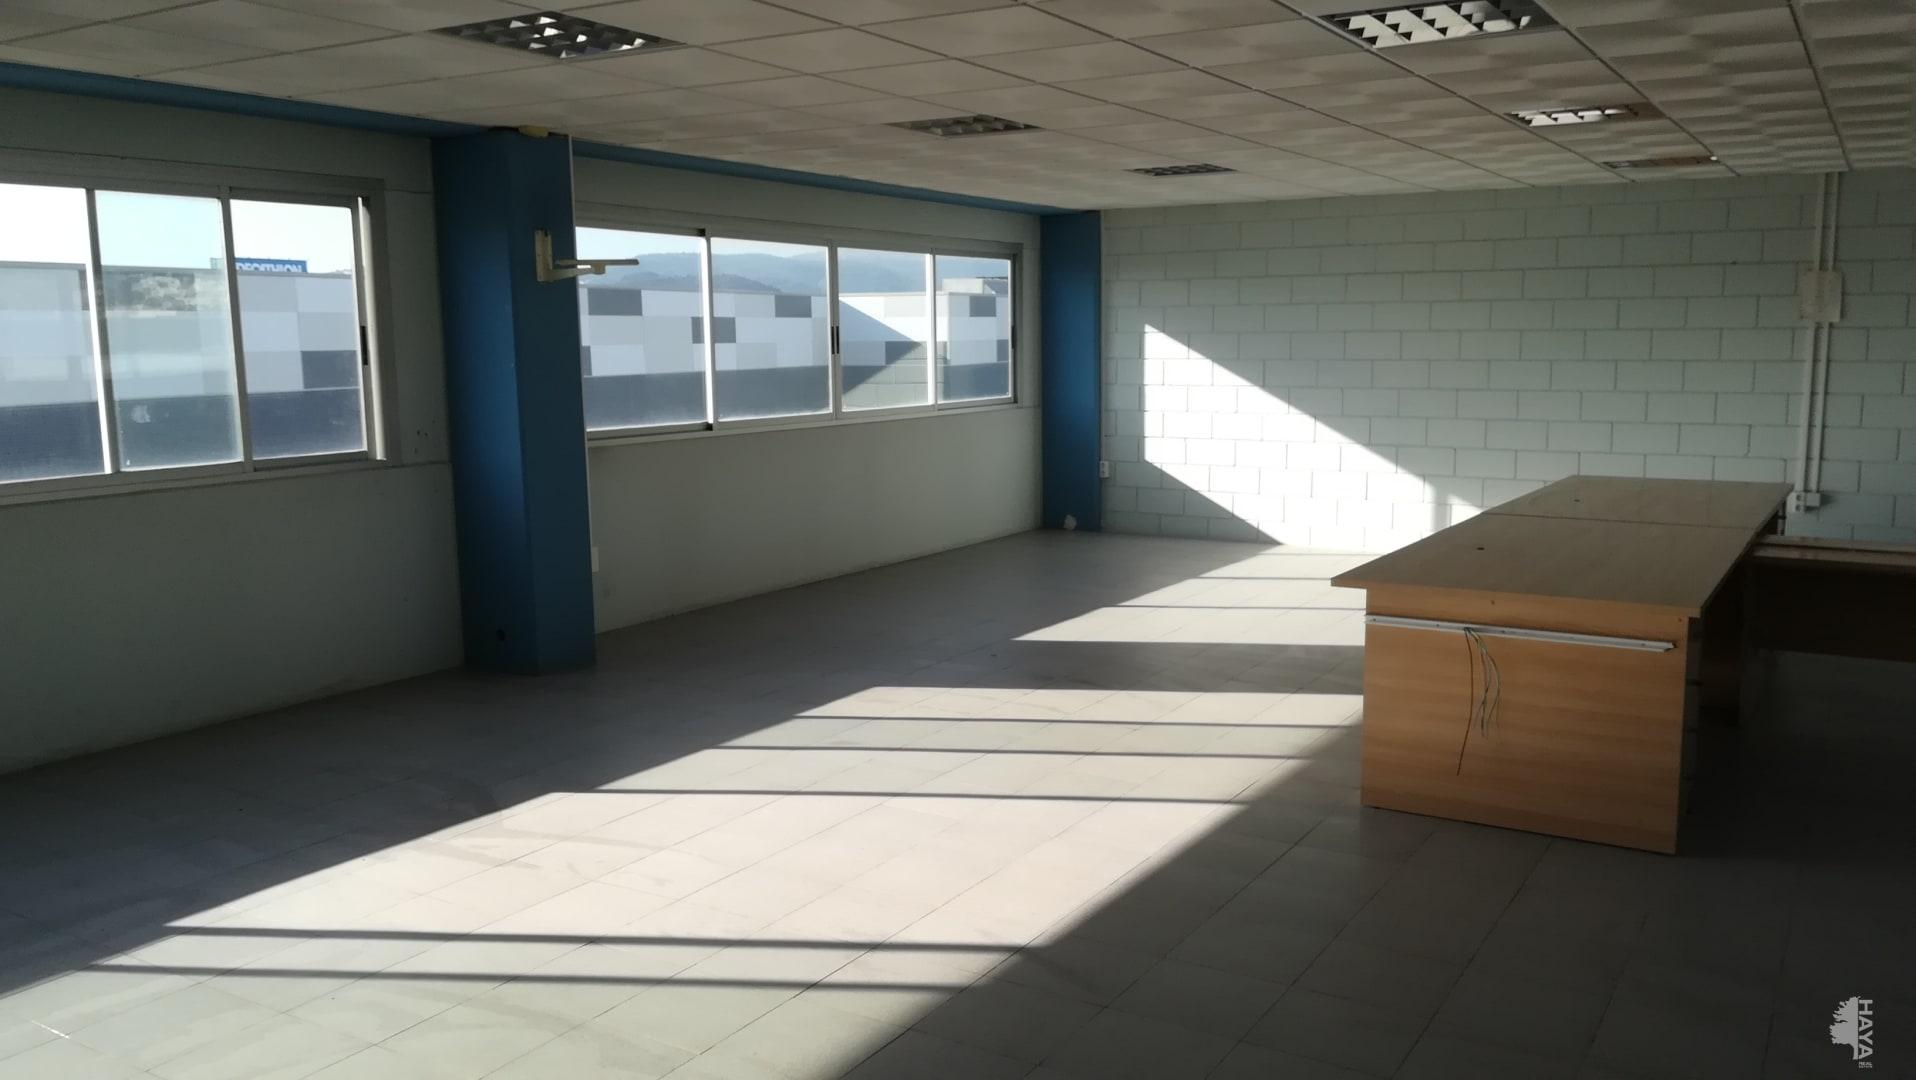 Oficina en venta en avenida benieto c/ transport , 32-uno, 46702, gandia (valencia) - imagenInmueble0